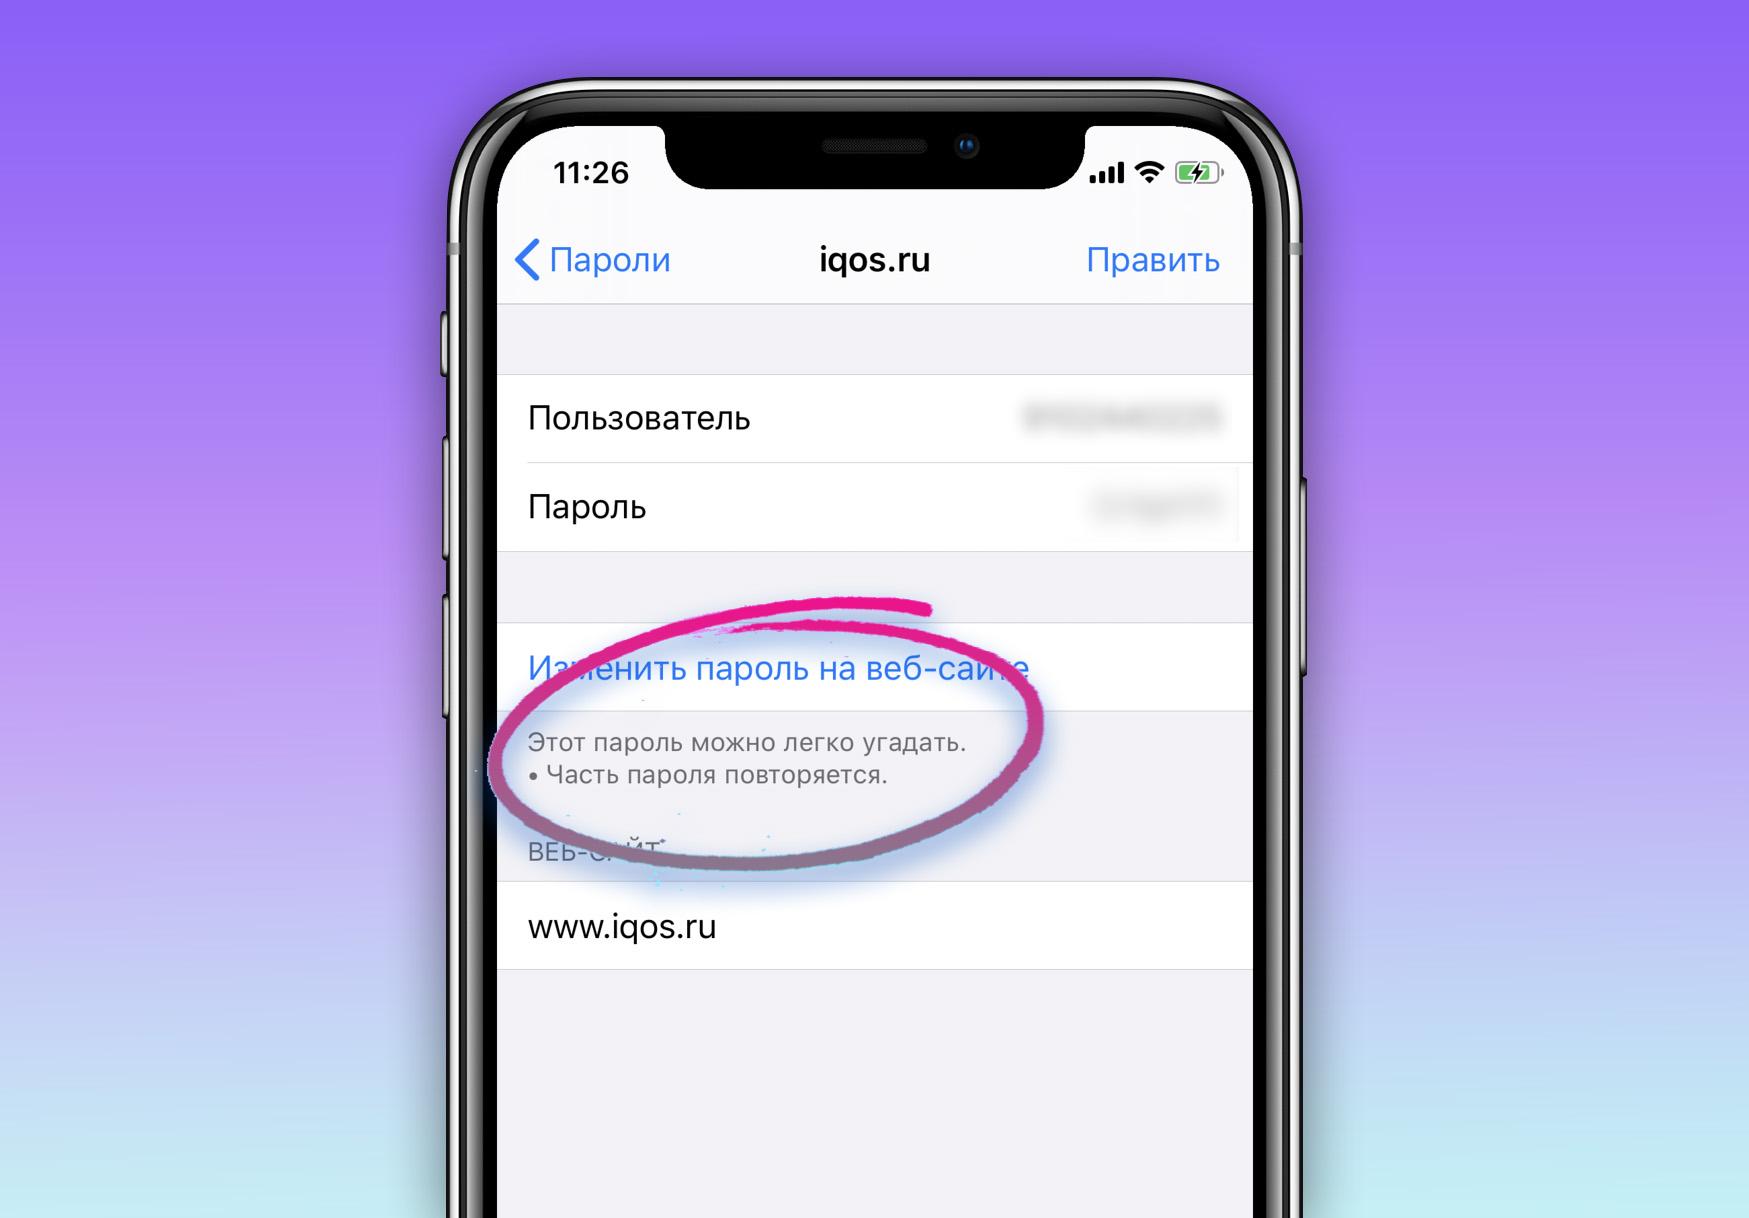 Скрытая функция iPhone поможет найти ваши небезопасные пароли